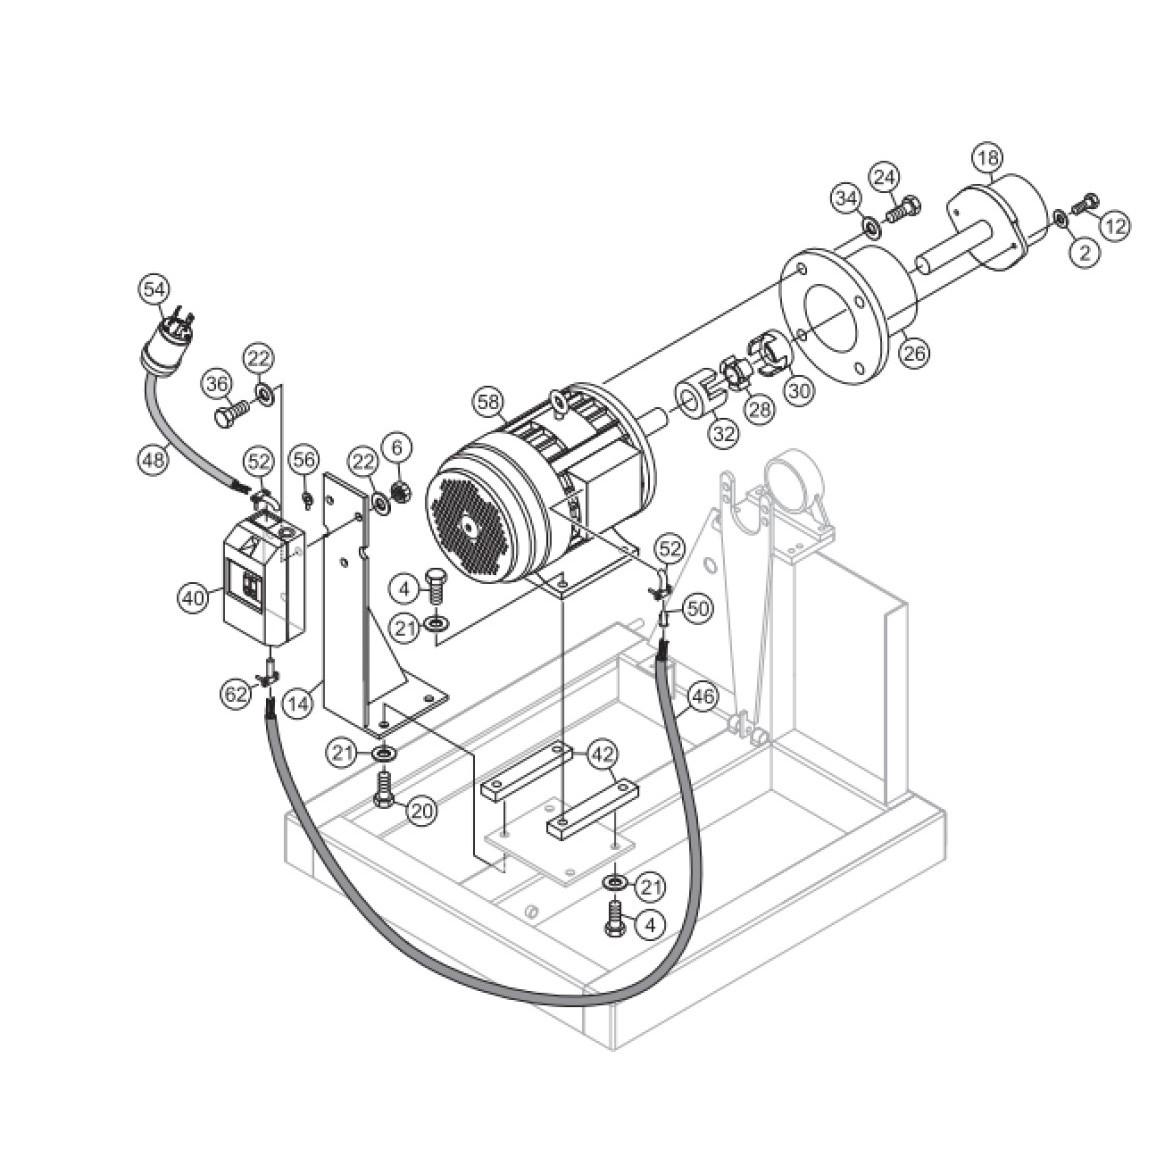 MultiQuip Whiteman STX6H Hydrostatic Ride-on Trowel Parts